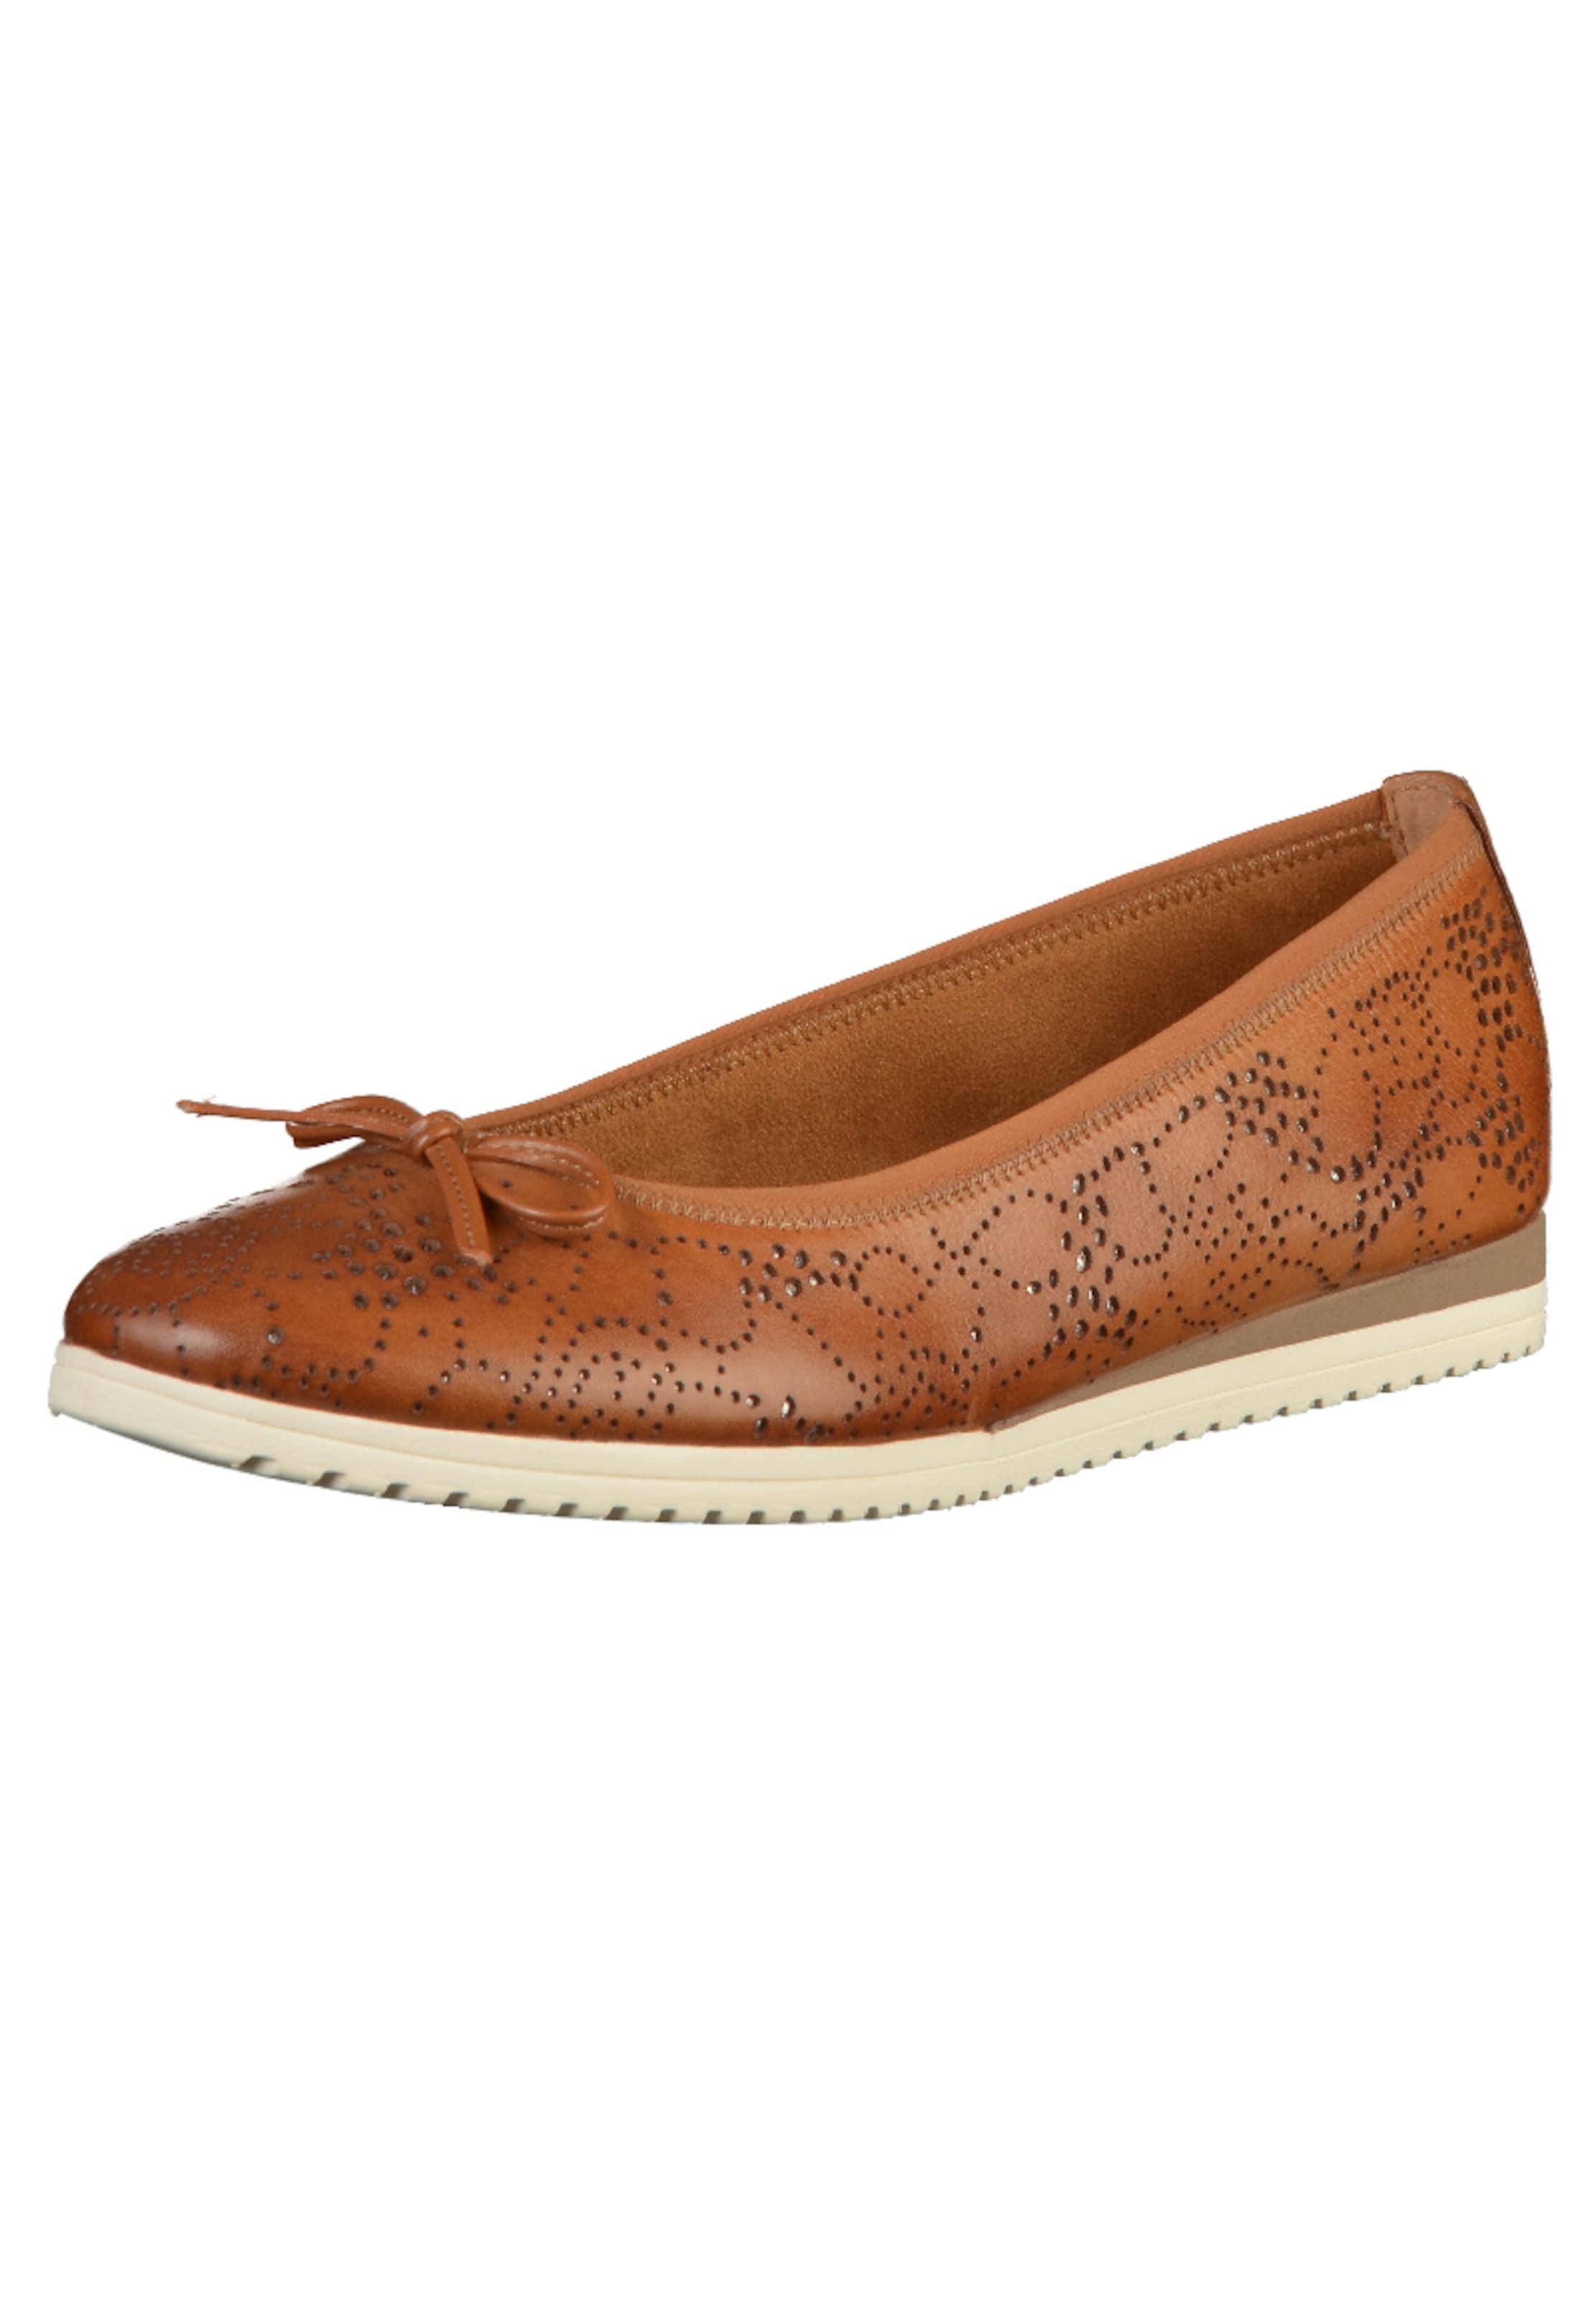 TAMARIS Ballerinas Verschleißfeste billige Schuhe Hohe Qualität